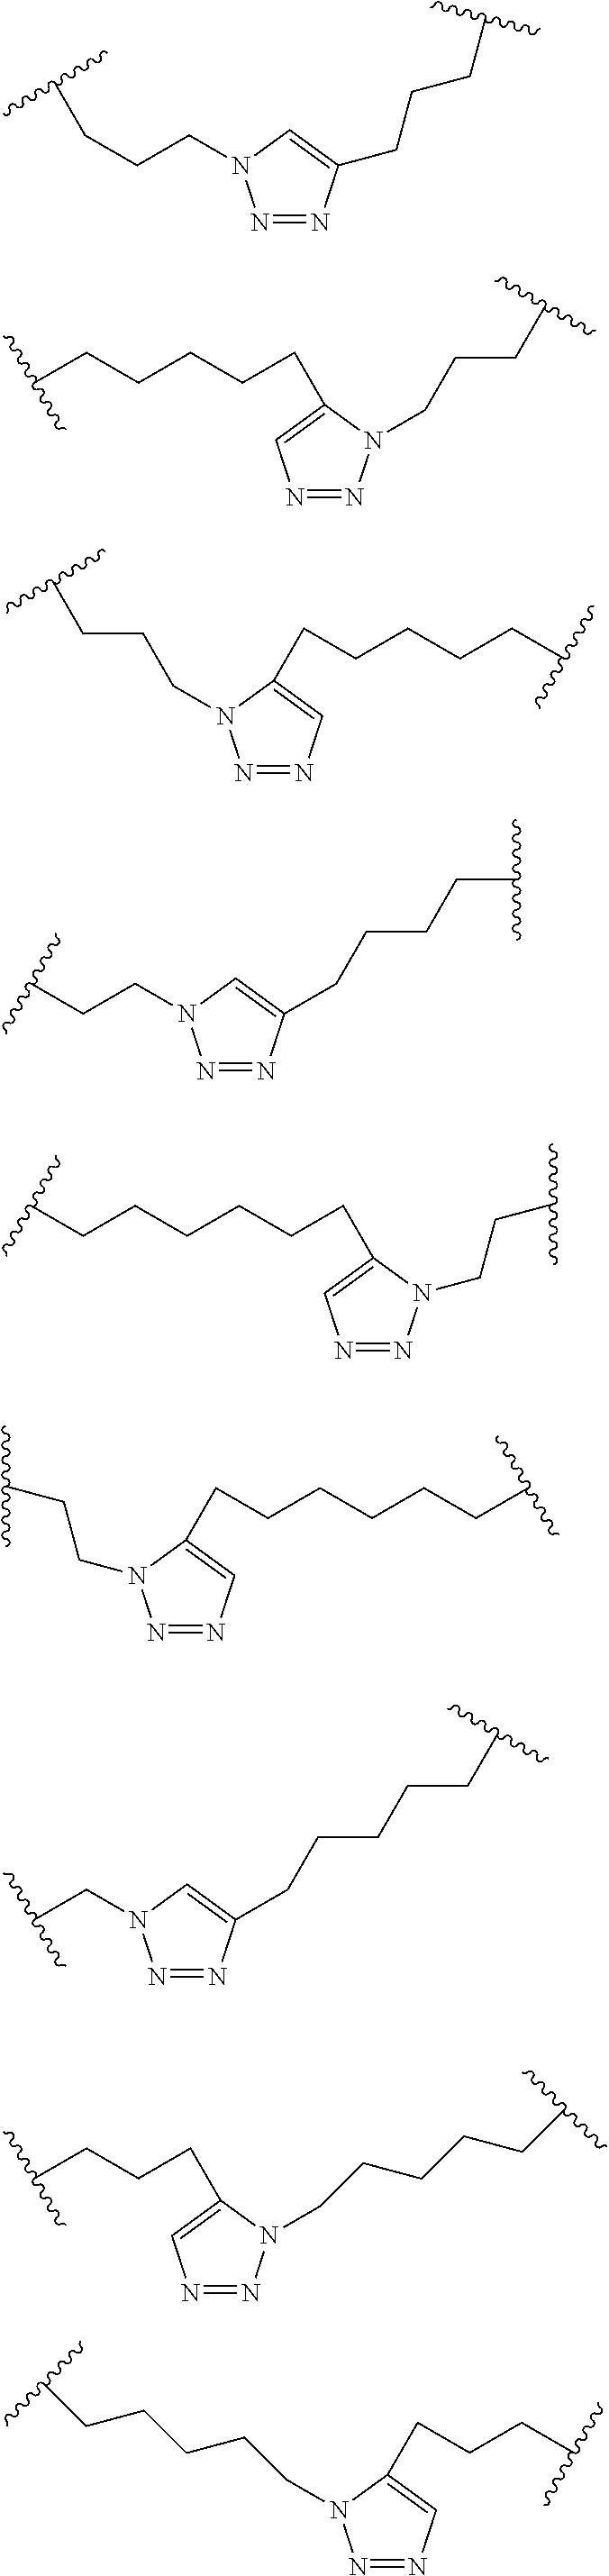 Figure US09782454-20171010-C00018